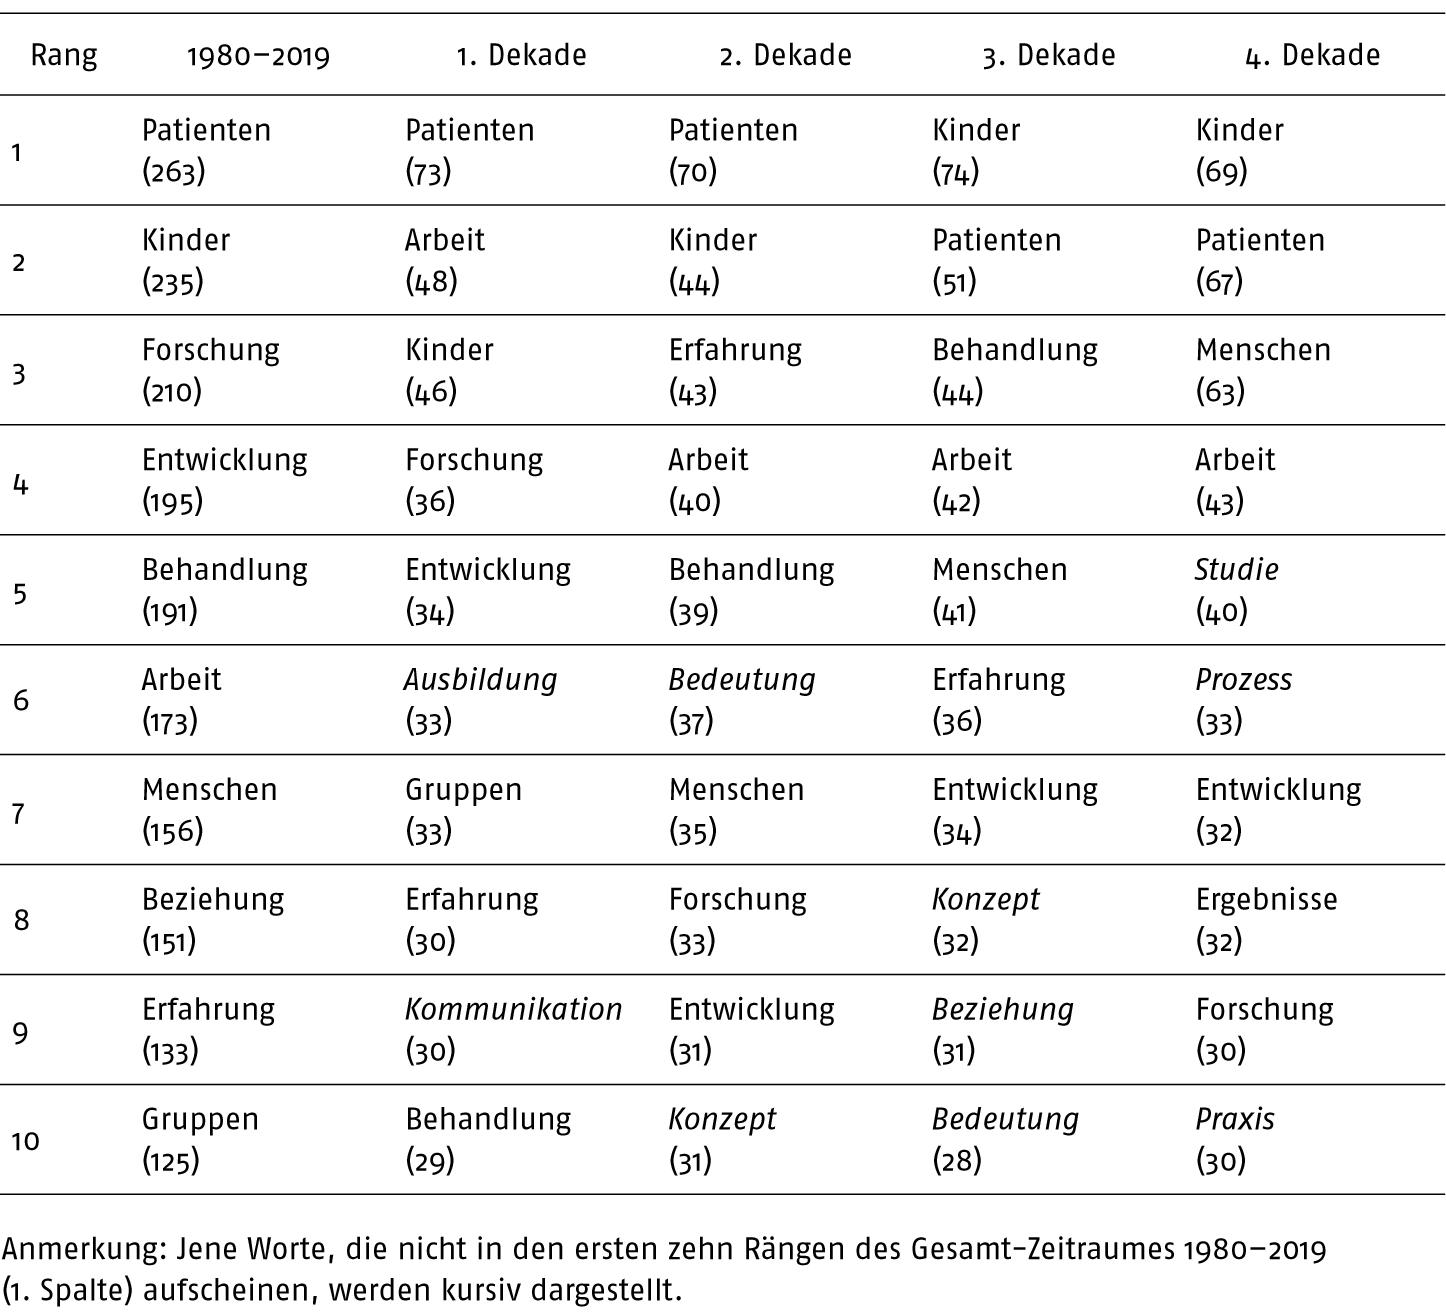 Smetana Wortwolken Beitrag muum.2020.41.4.365-Tabelle2